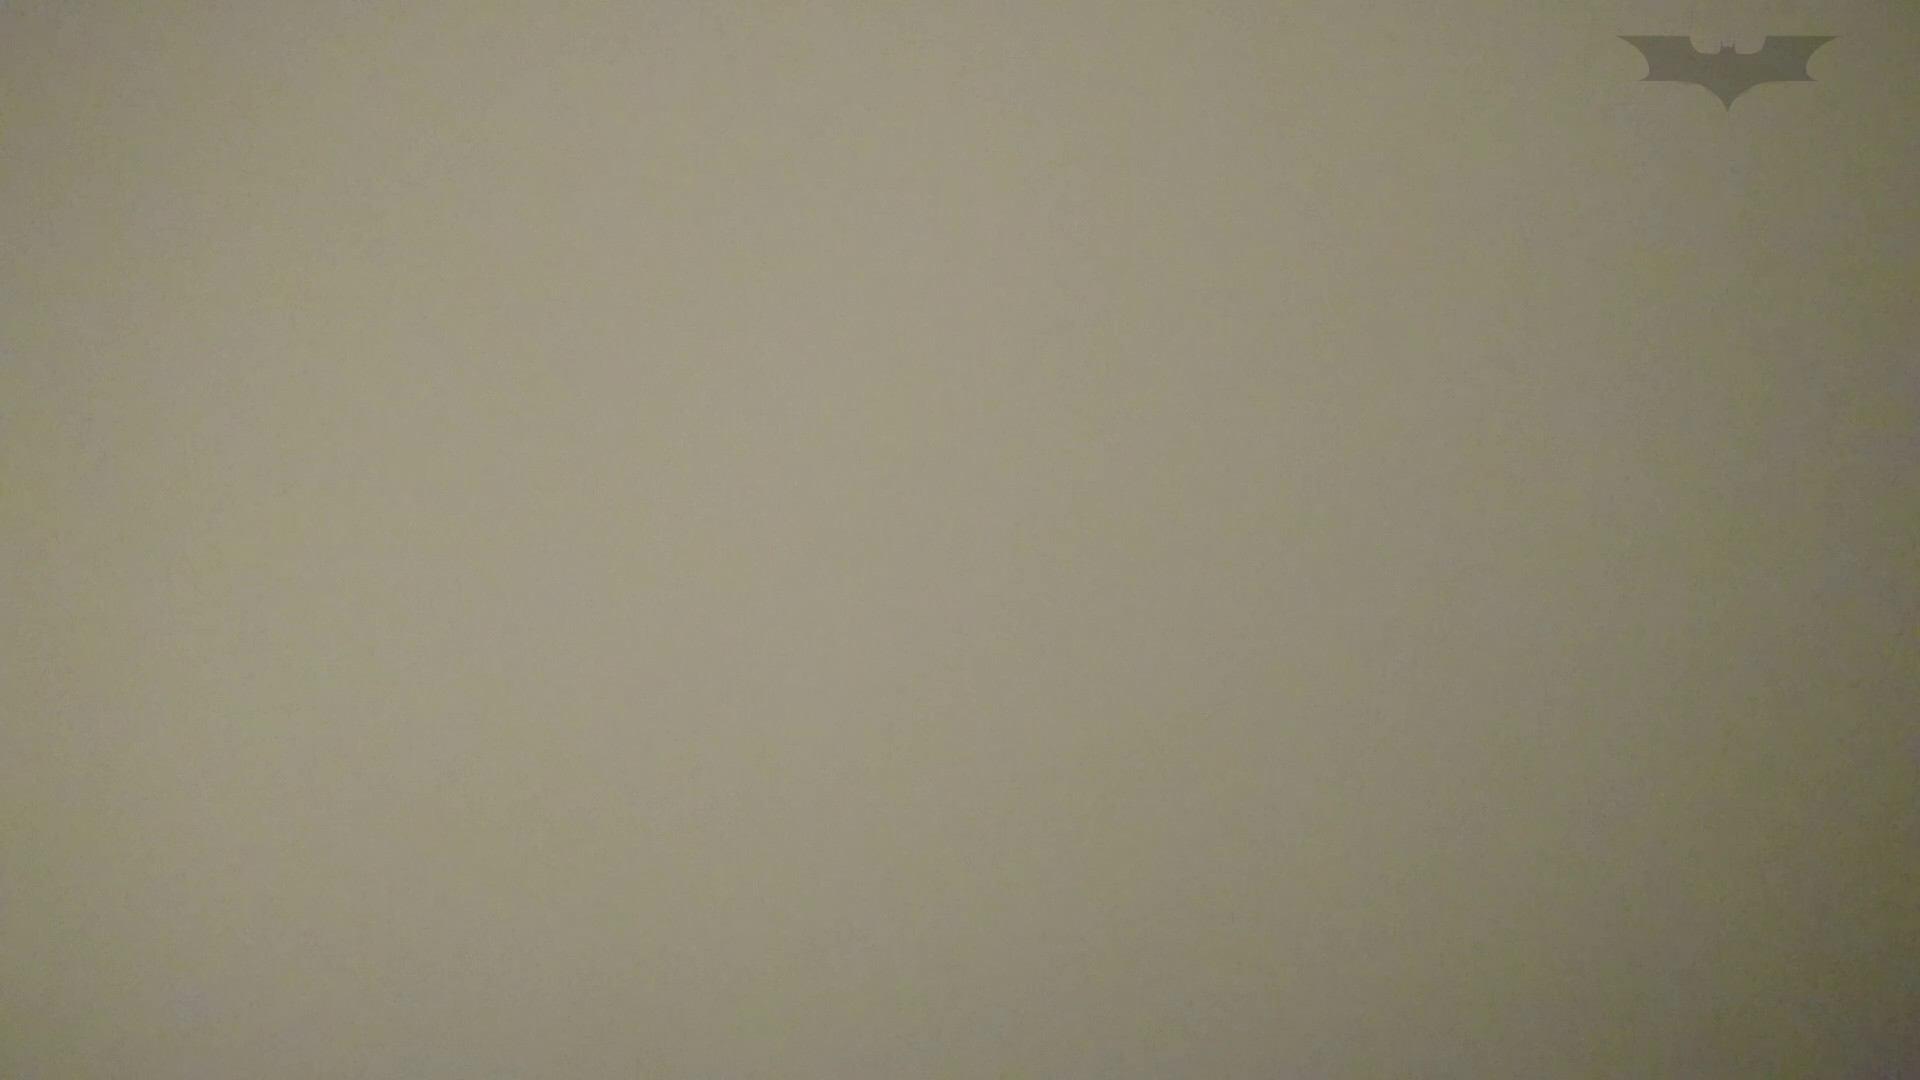 化粧室絵巻 ショッピングモール編 VOL.15 ギャル達 オメコ動画キャプチャ 107枚 10